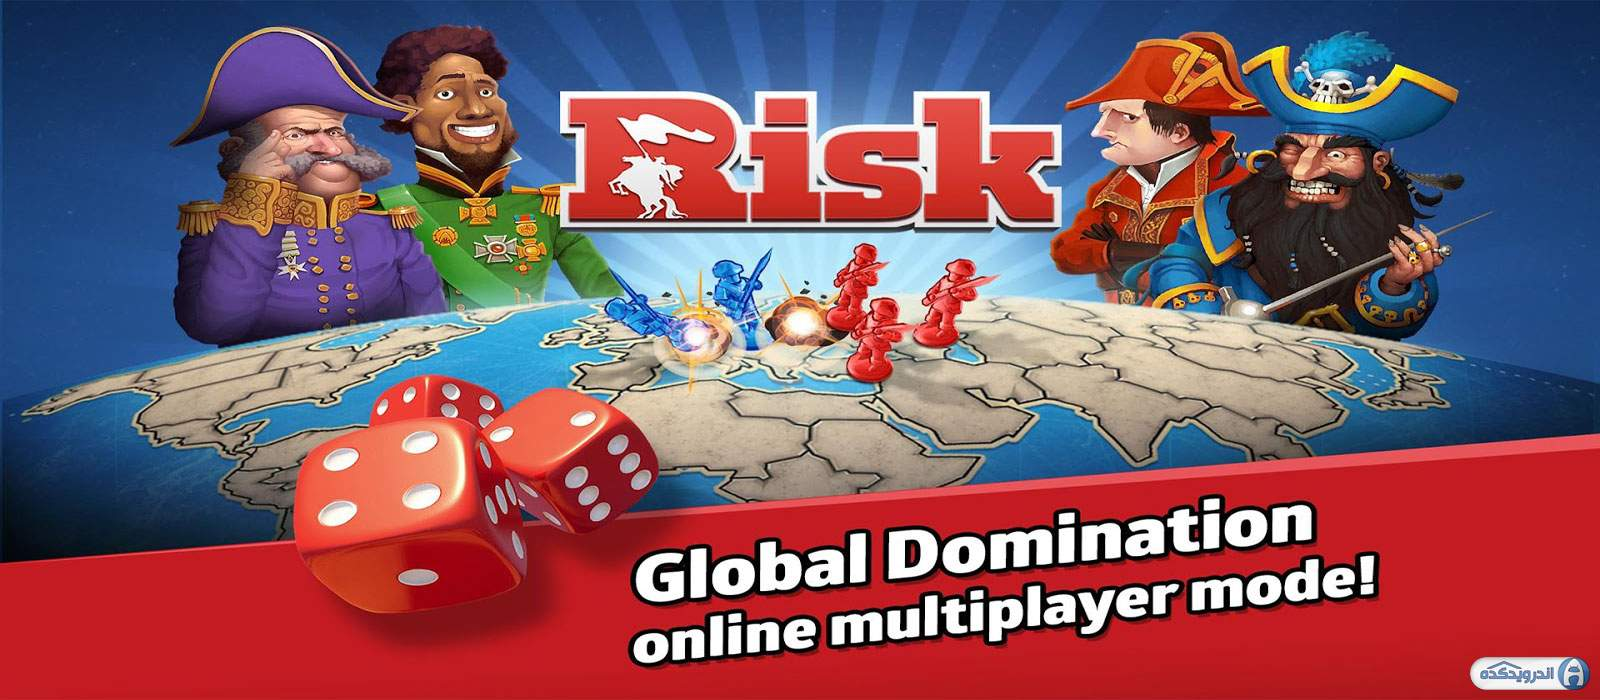 دانلود RISK: Global Domination 3.0.3 بازی خطر:فرمانروایی و سلطه بر جهان اندروید + مود